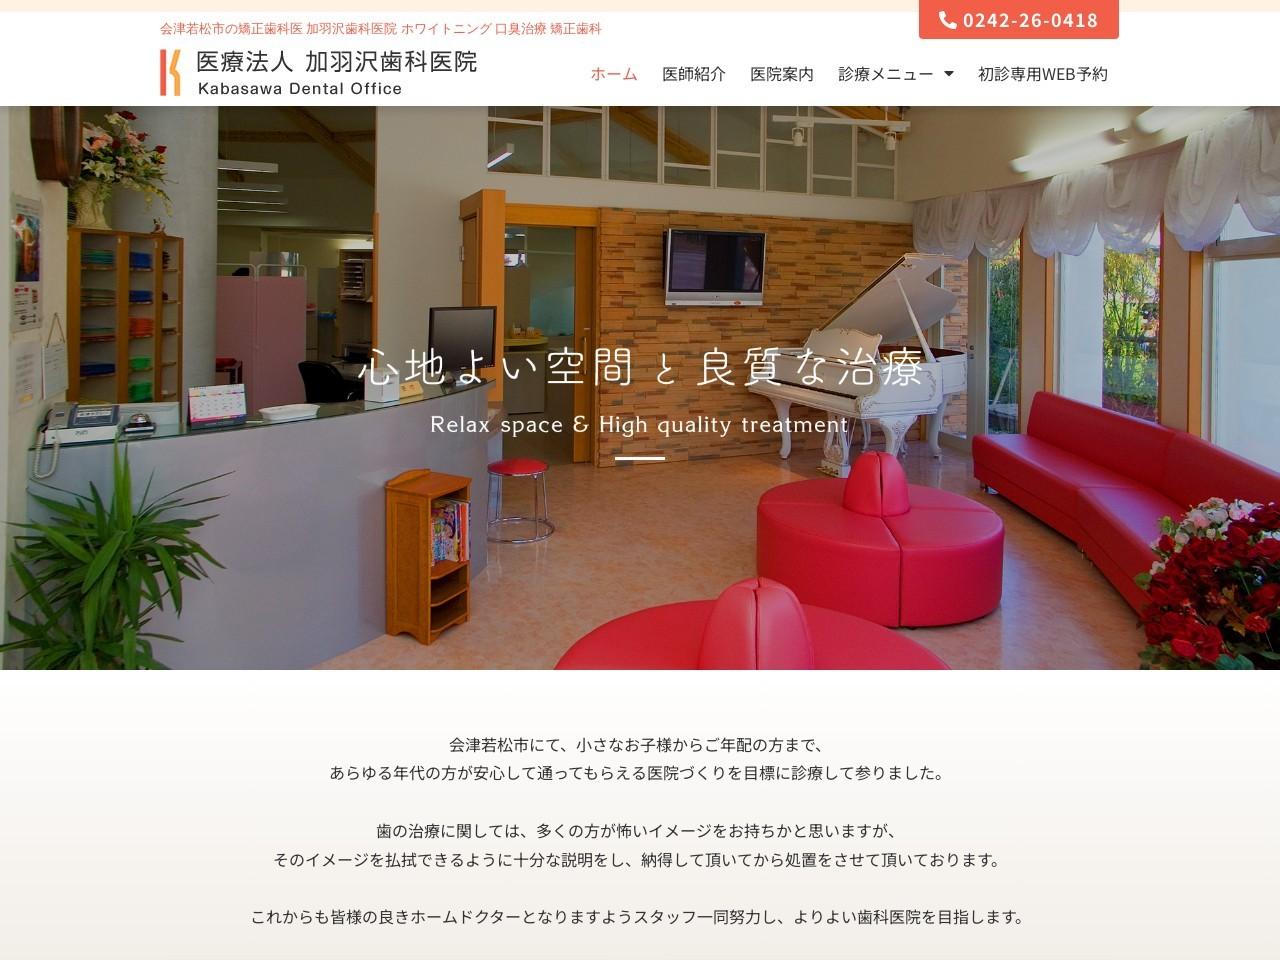 医療法人  加羽沢歯科医院 (福島県会津若松市)